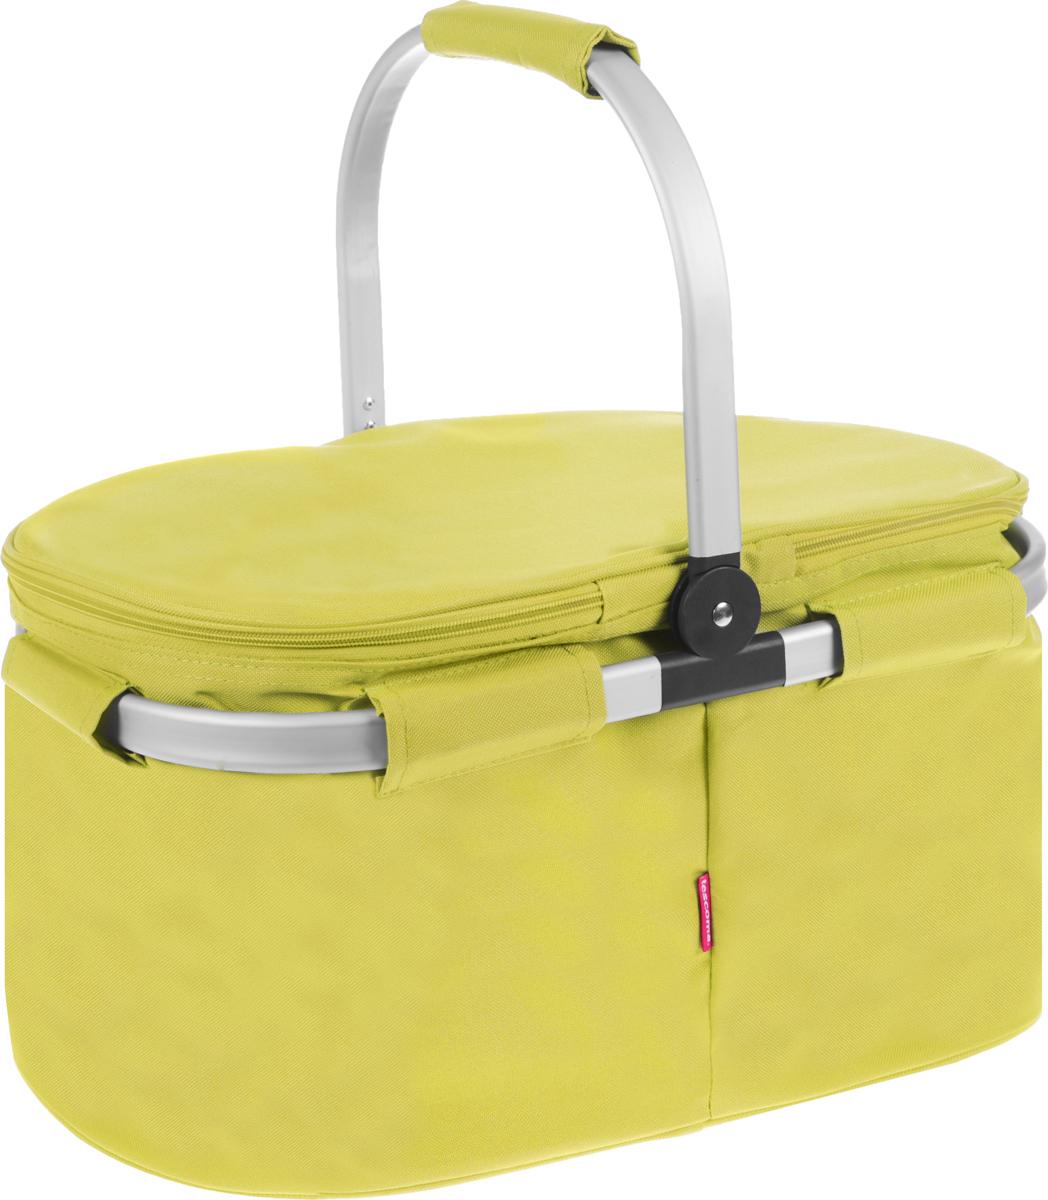 Термокорзина складная Tescoma Coolbag, цвет: желтый. 892350892350_желтый